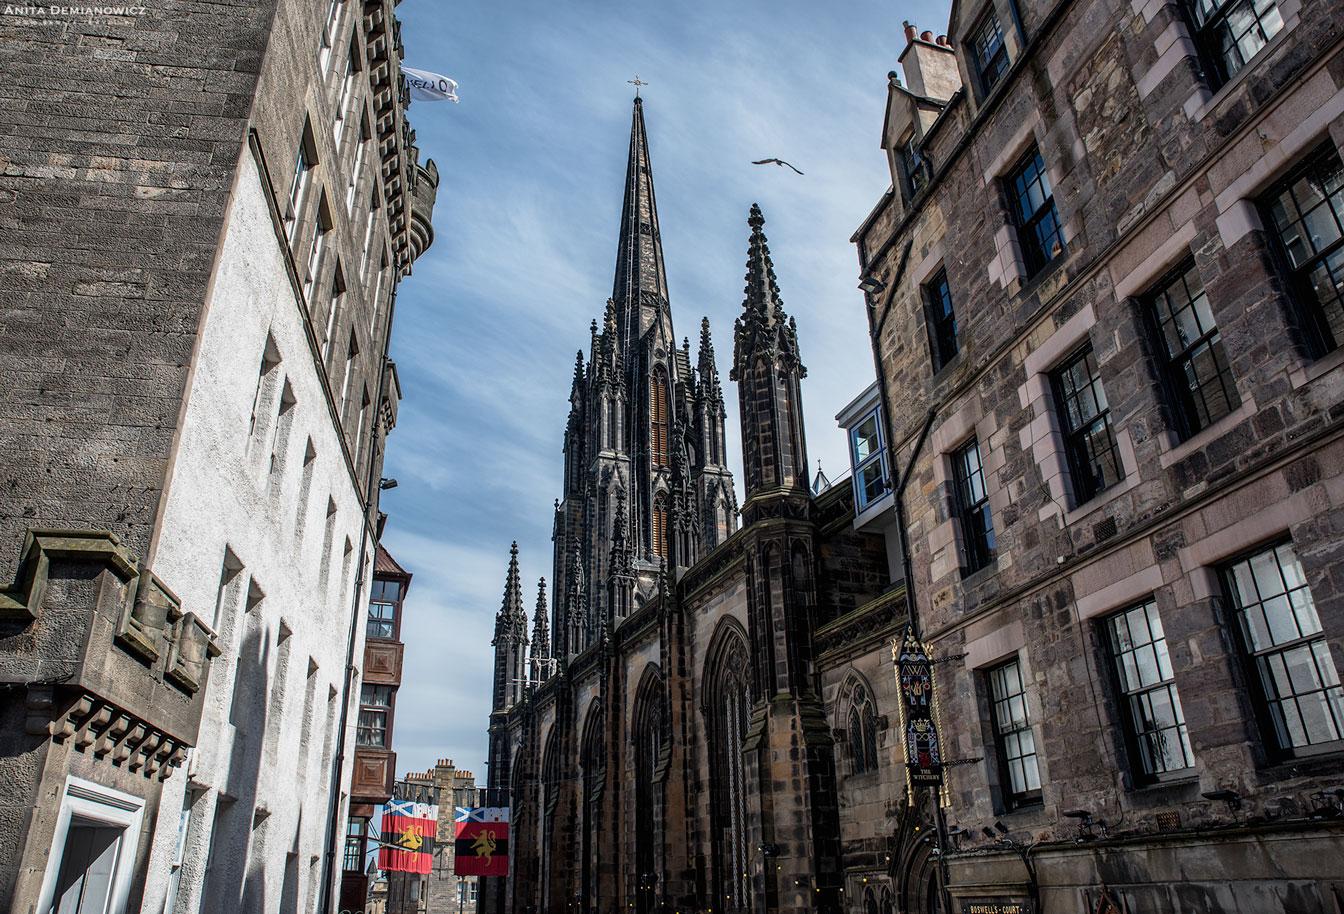 The Royal Mile, Edynburg, Szkocja, Anita Demianowicz